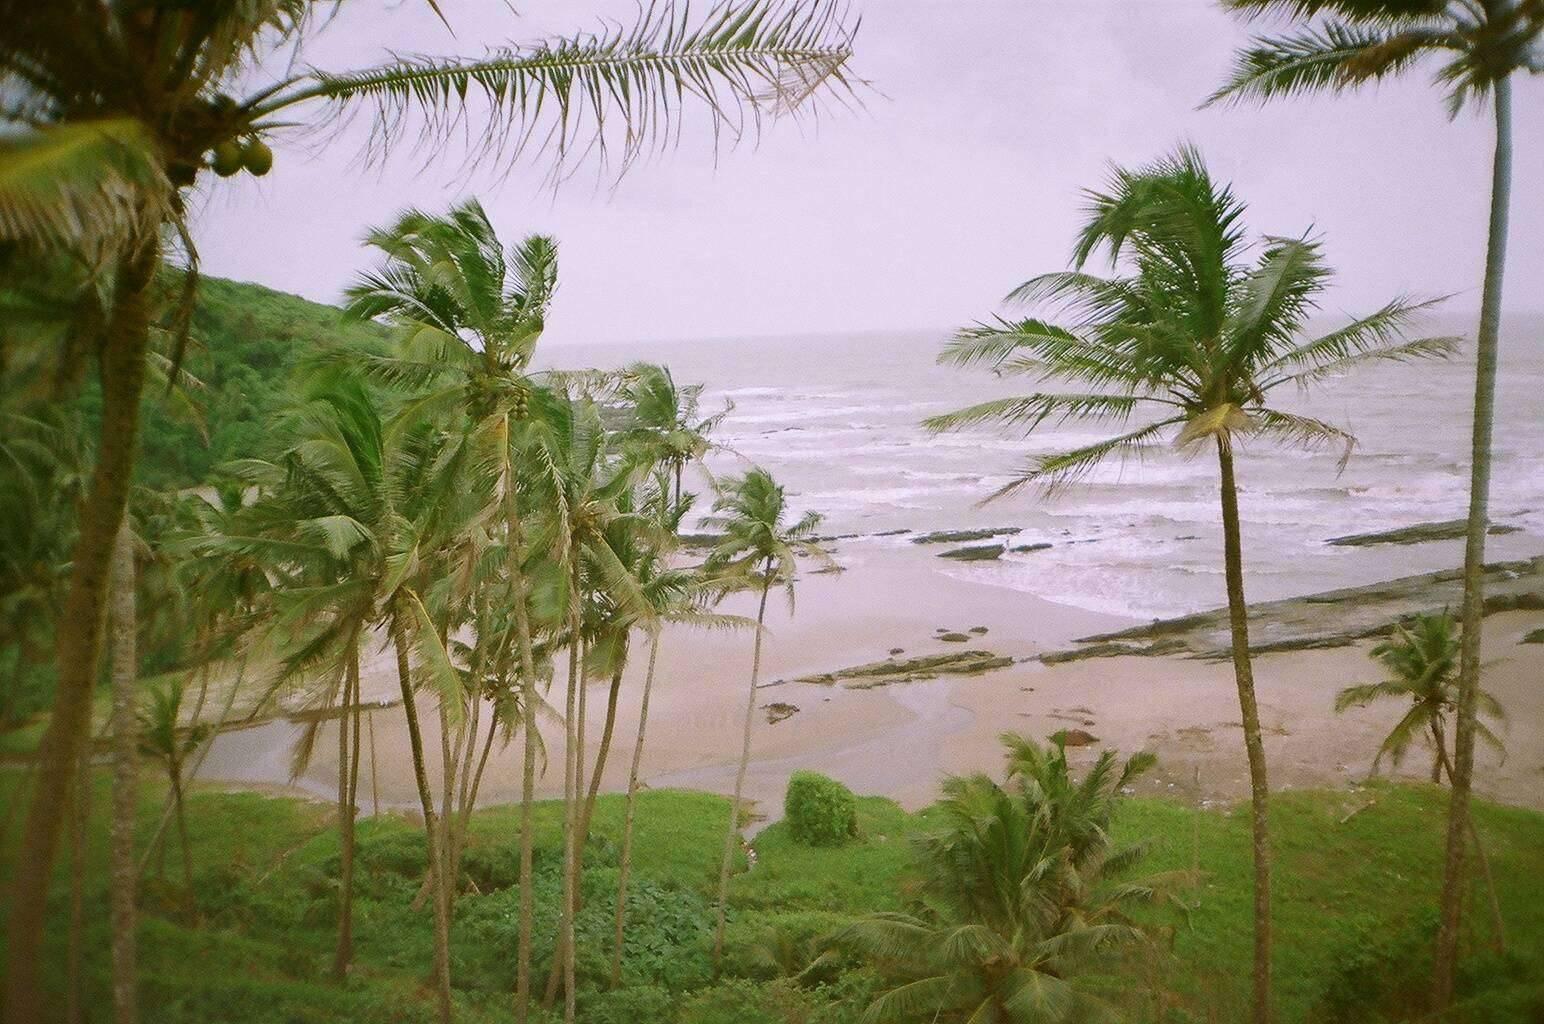 Arpora Beach - Goa Image